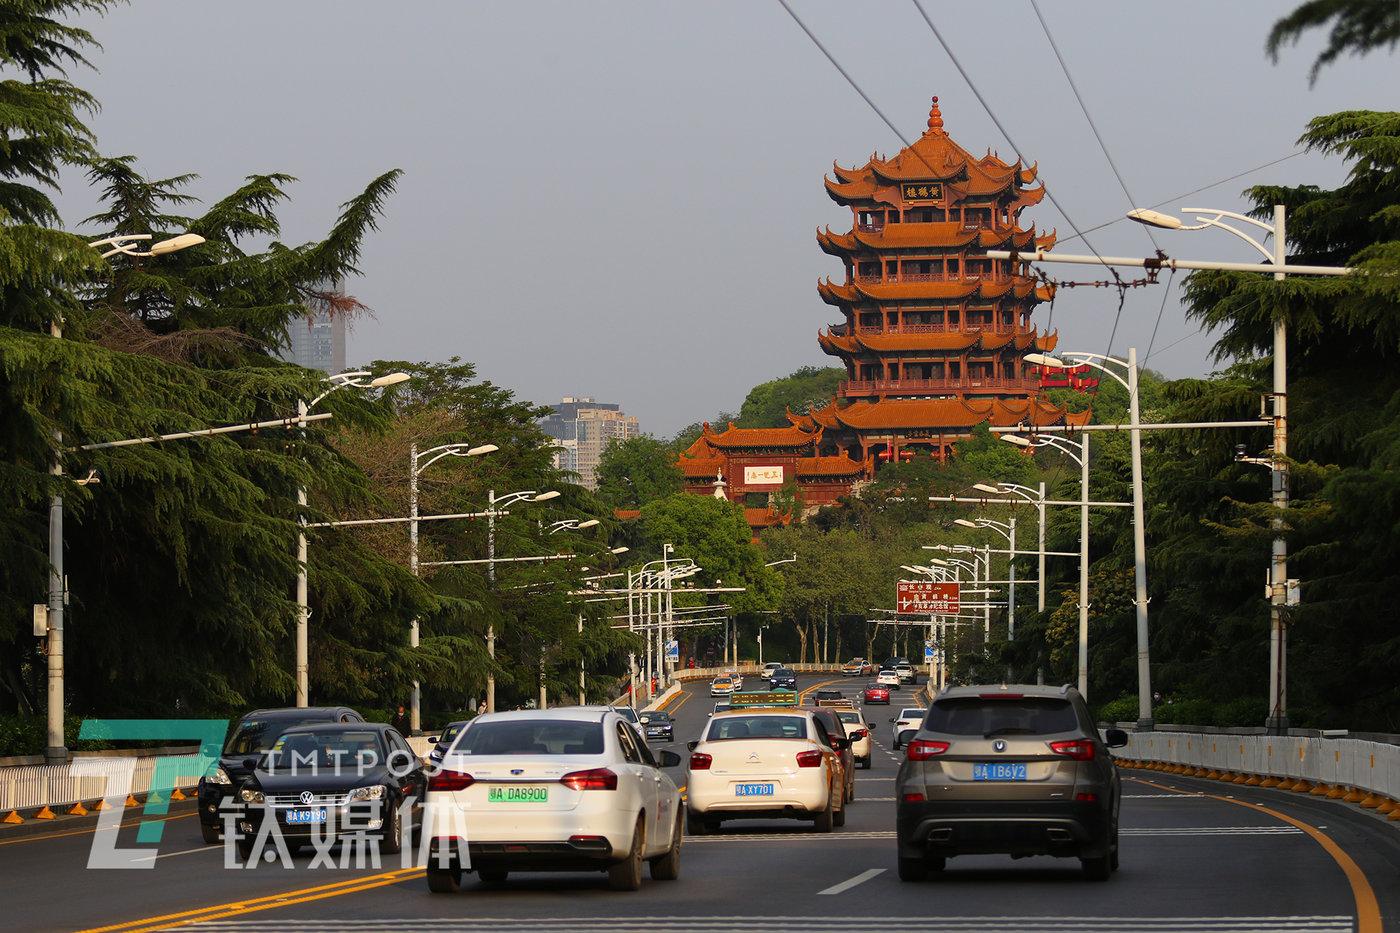 4月8日下午5:30,武汉市,黄鹤楼前,过长江的车流。当天,武汉宣布解封,离汉通道全部打开。